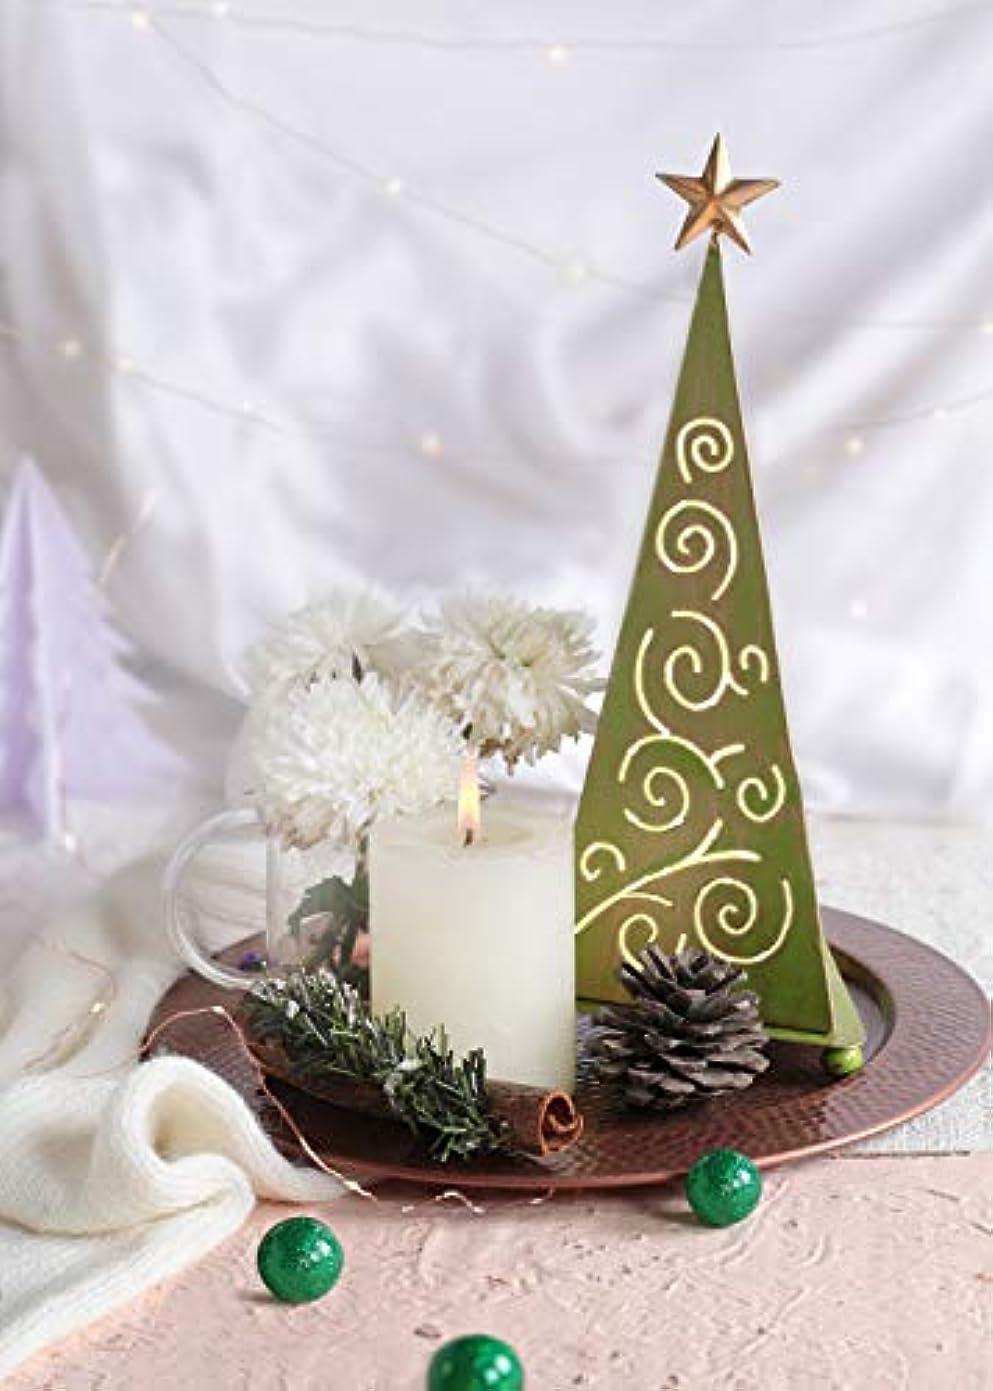 恐怖数学的な近似storeindya 感謝祭ギフト クリスマスツリー型メタルお香タワー グリーンとゴールドのクリスマスホームデコレーション 装飾アクセサリーと新築祝いのギフトに最適